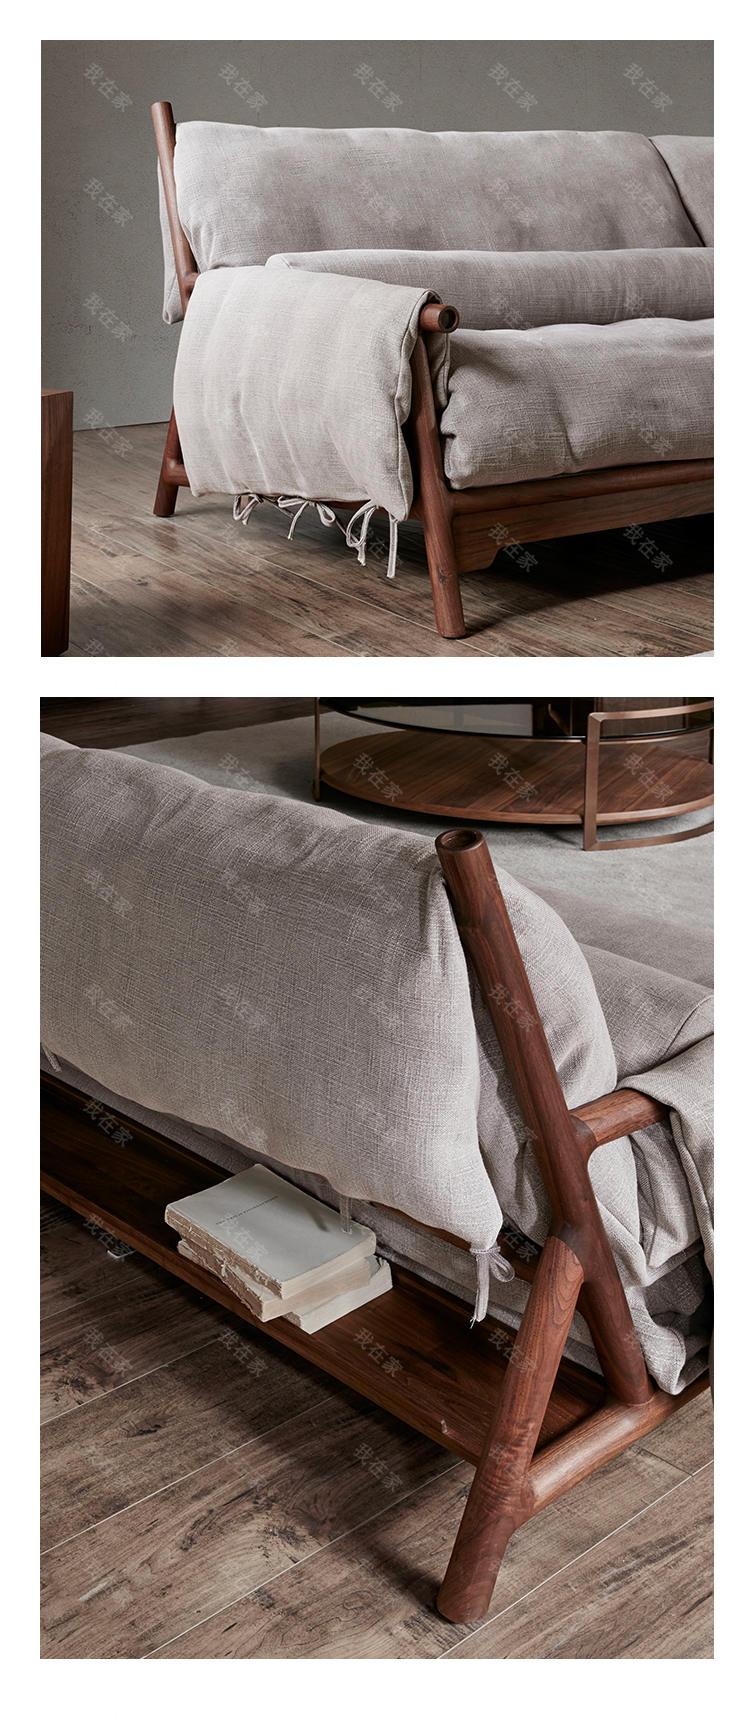 新中式风格任逍遥沙发(样品特惠)的家具详细介绍